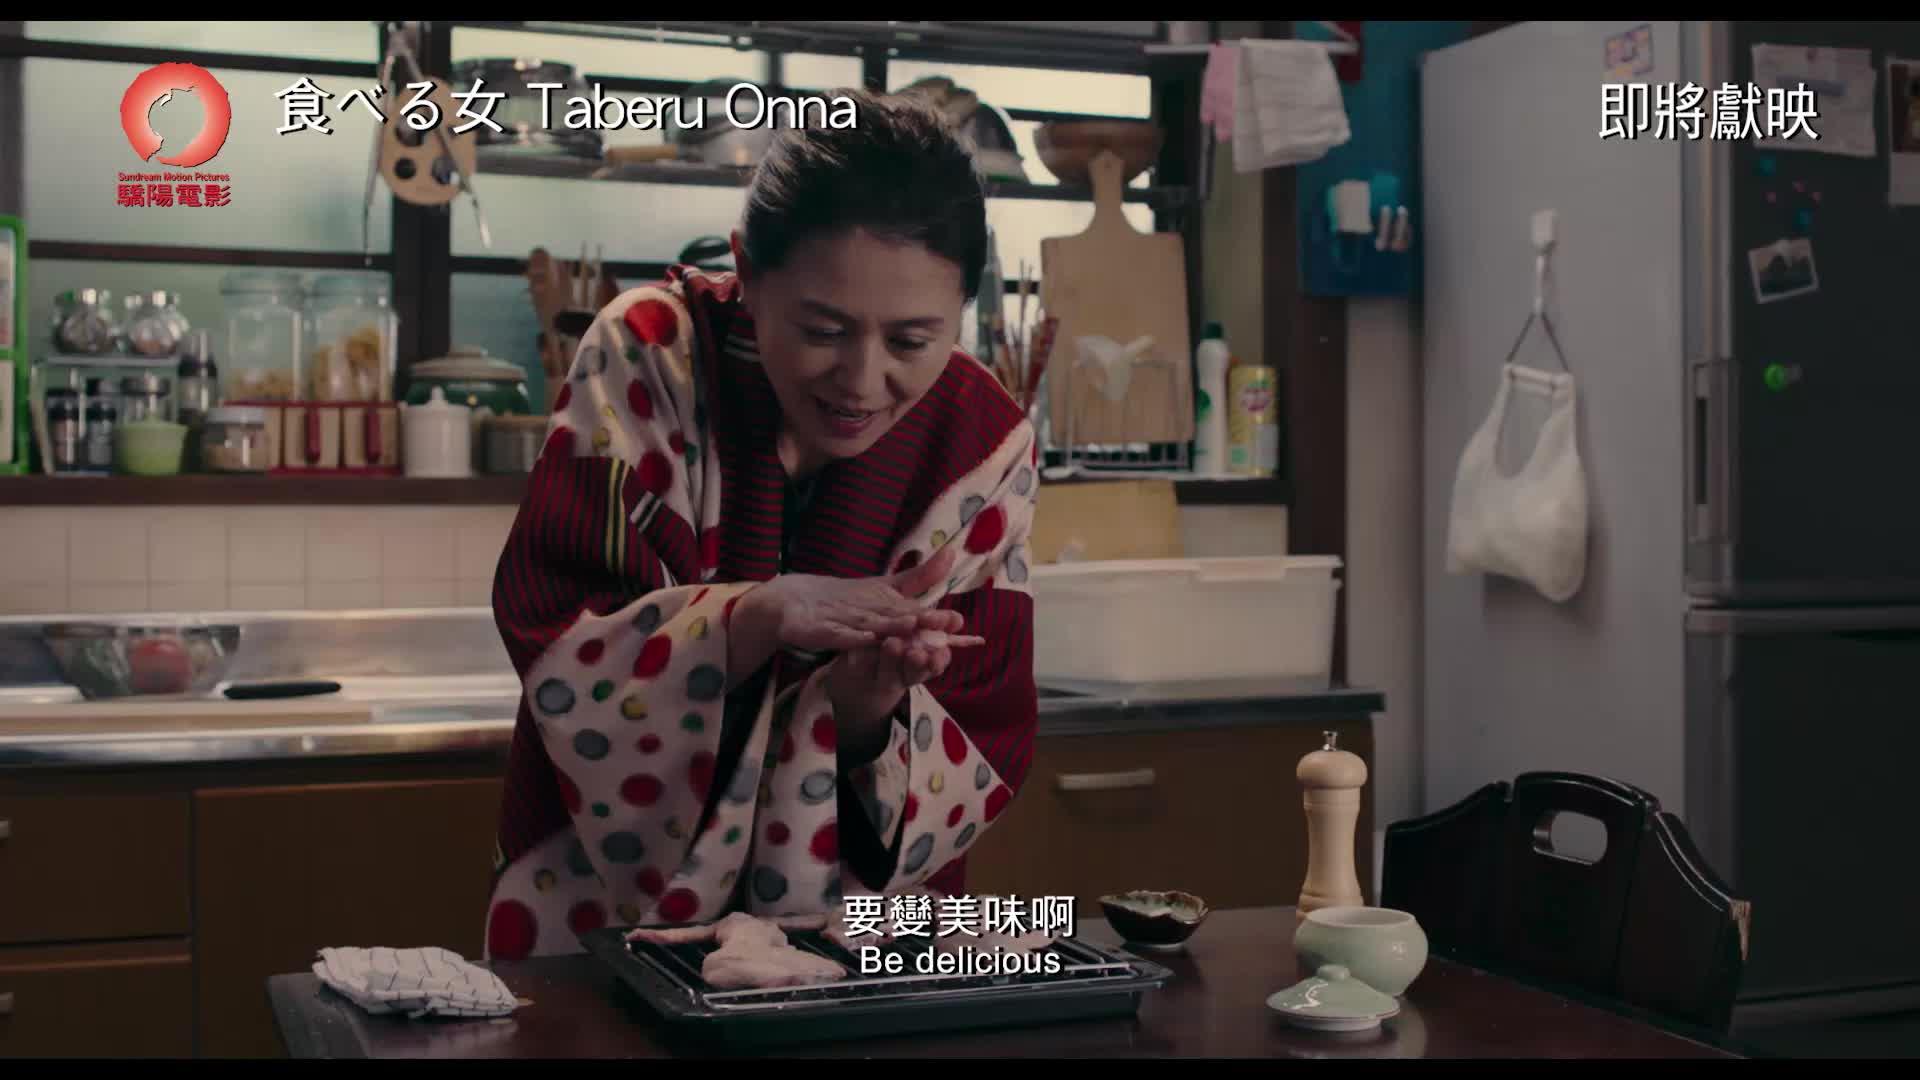 《食べる女》中文預告